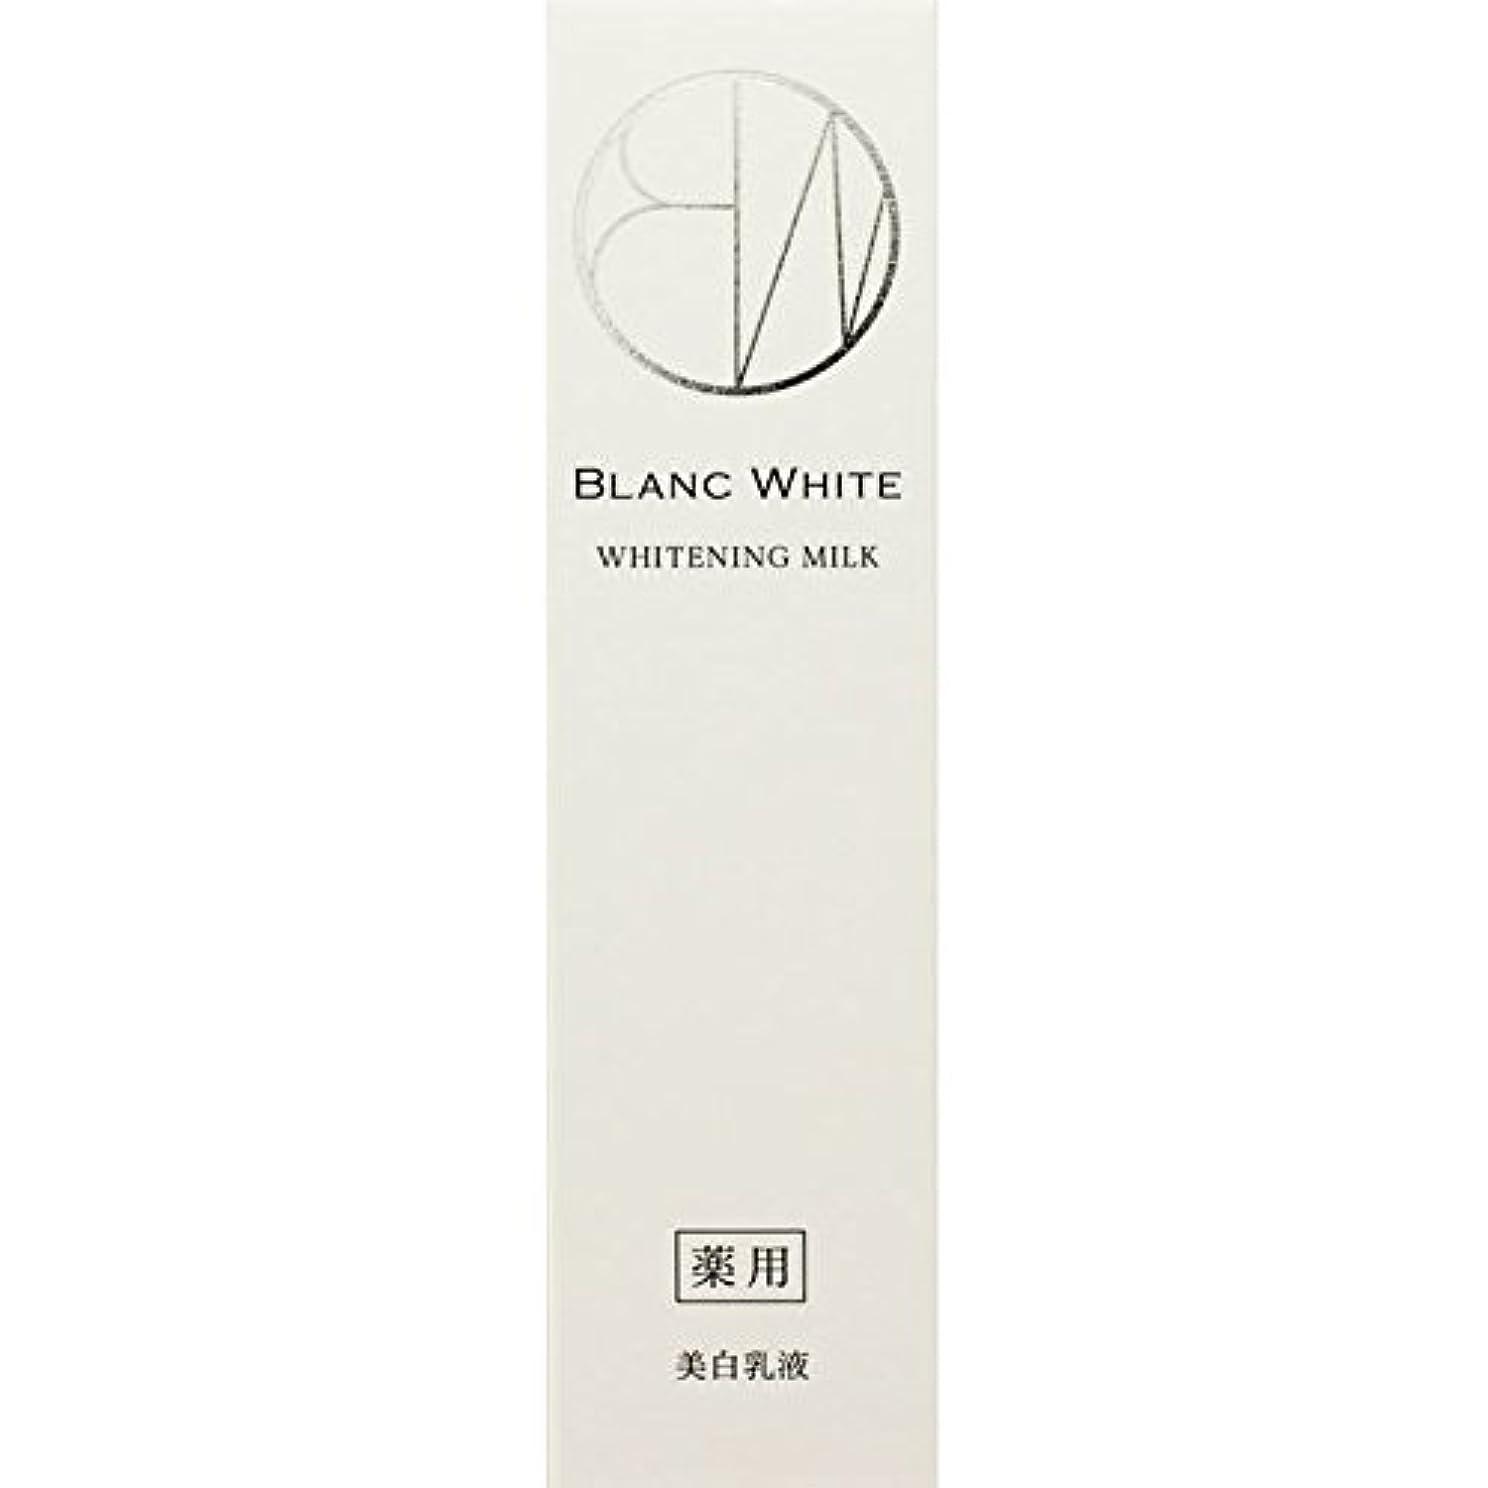 ブランデー強制小さいブランホワイト ホワイトニングミルク 125ml (医薬部外品)